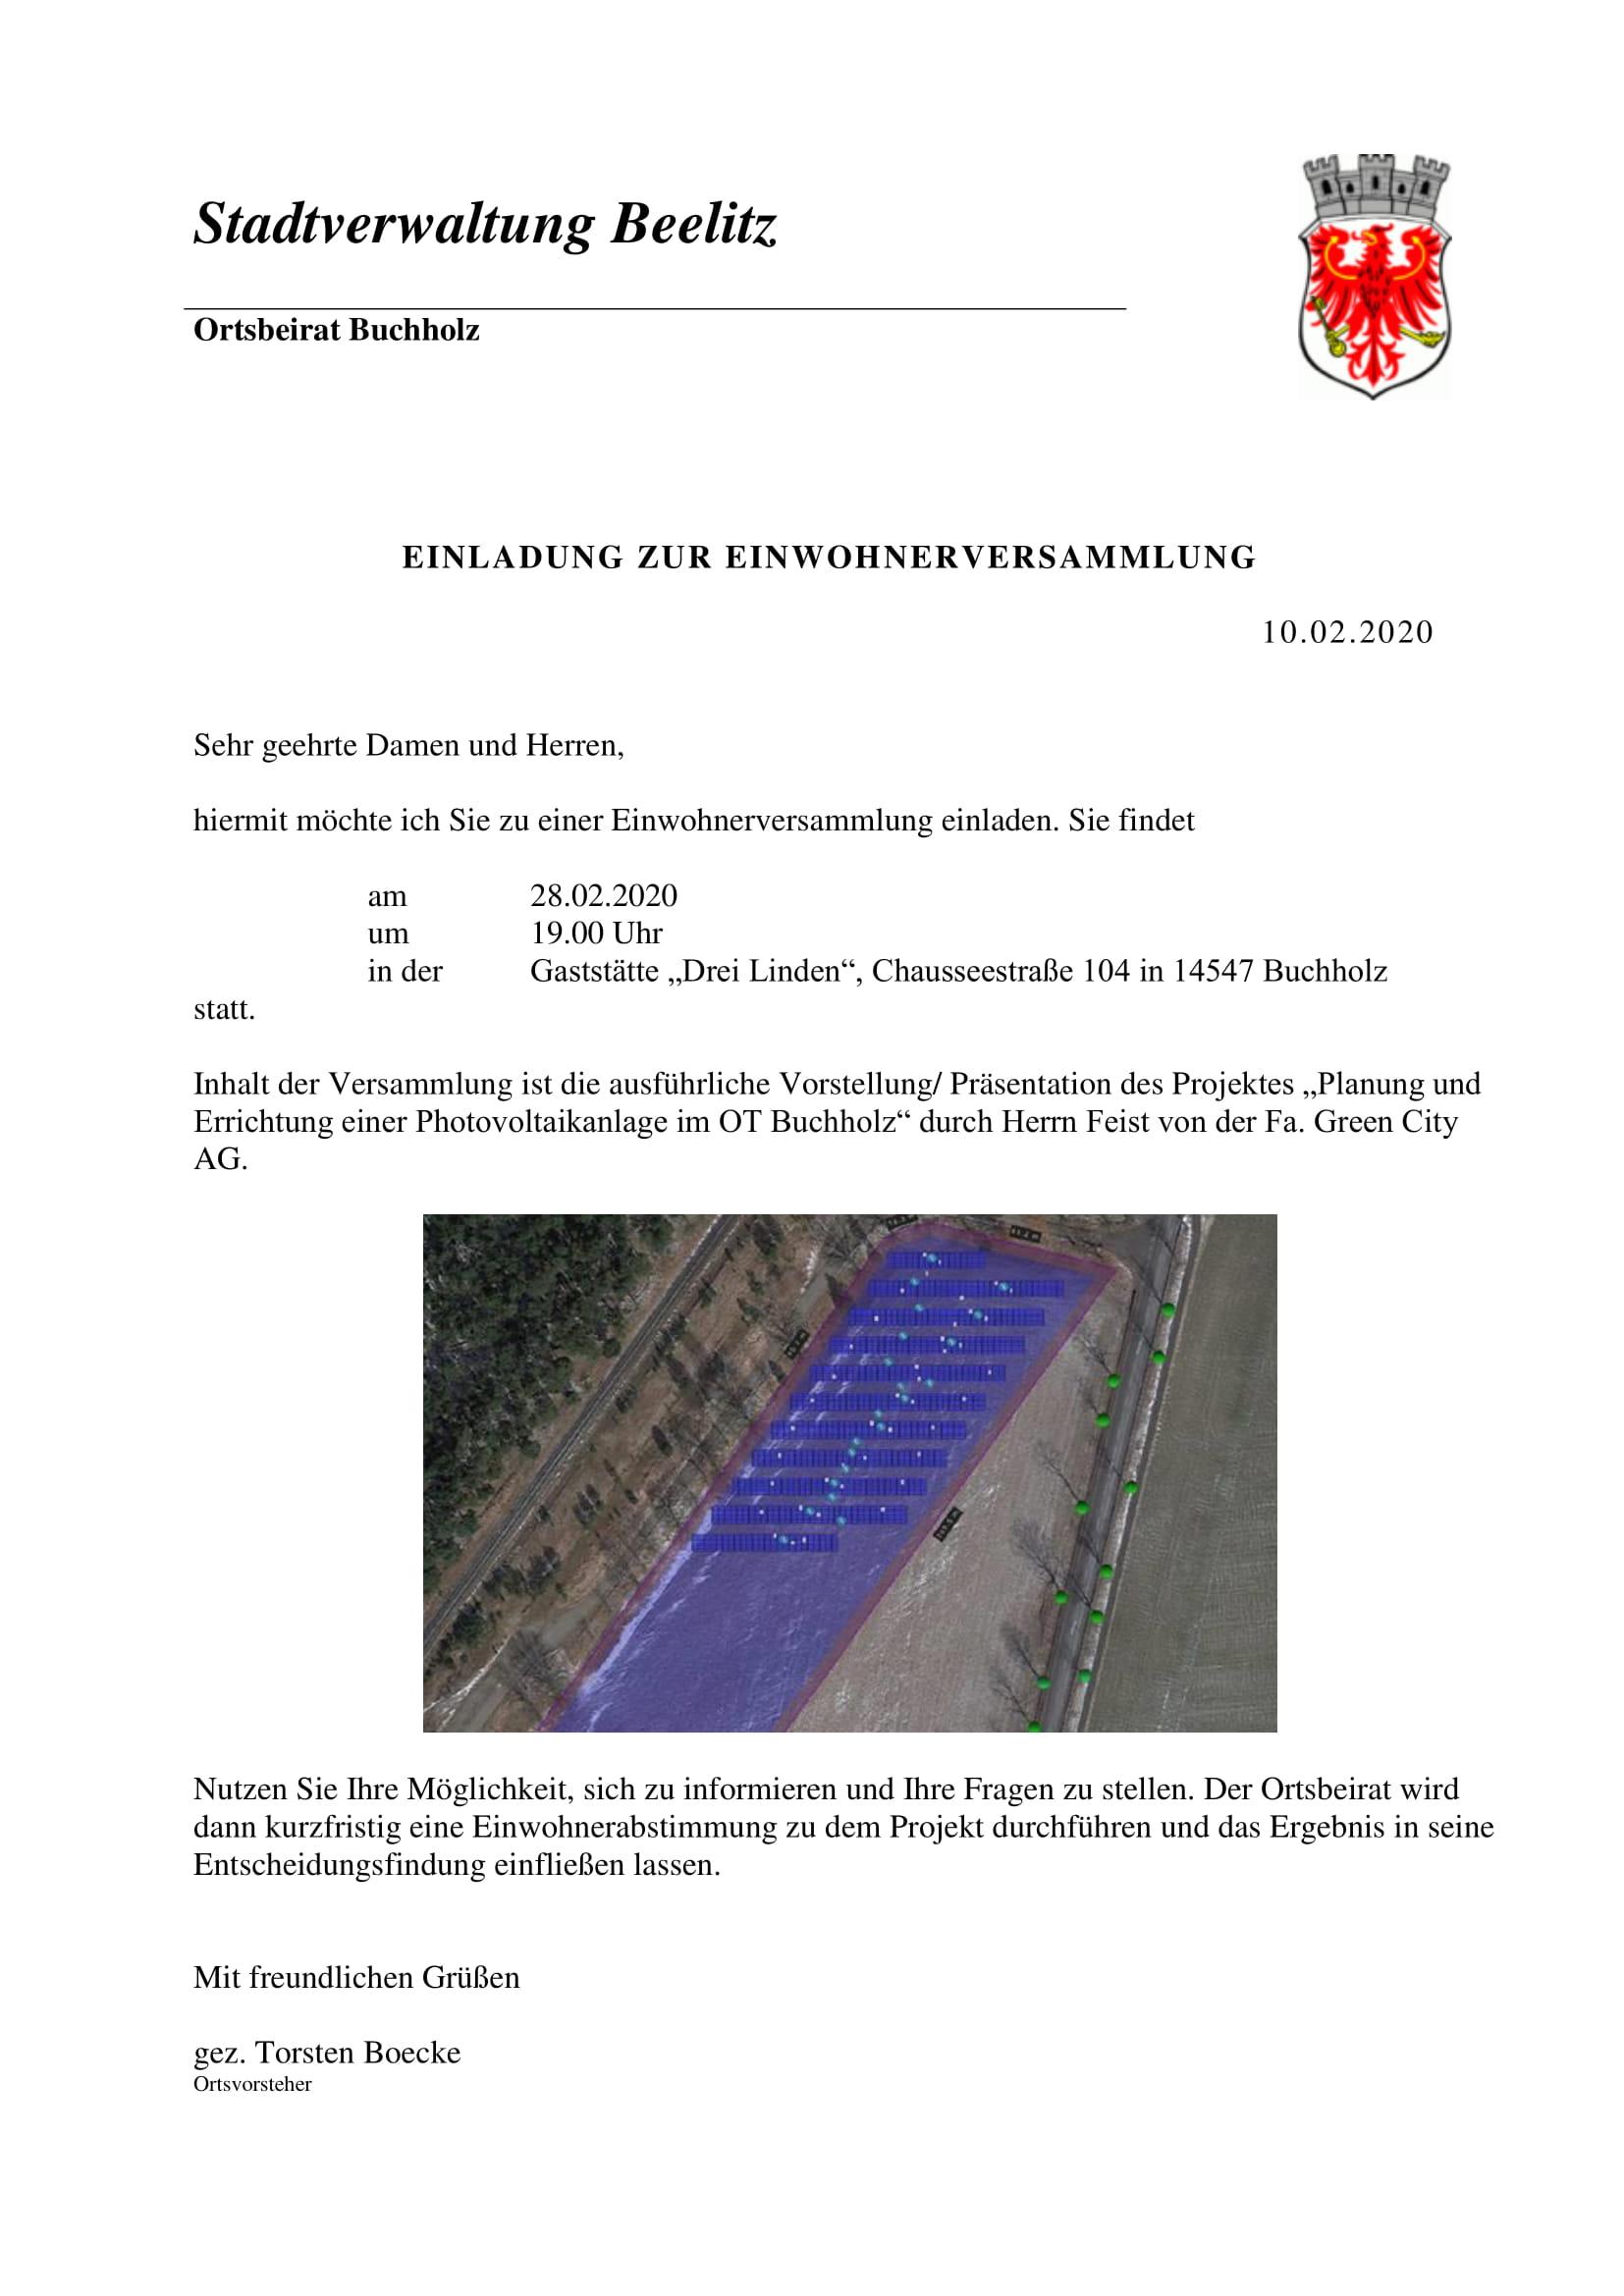 Einladung zur Einwohnerversammlung am 28.2.2020